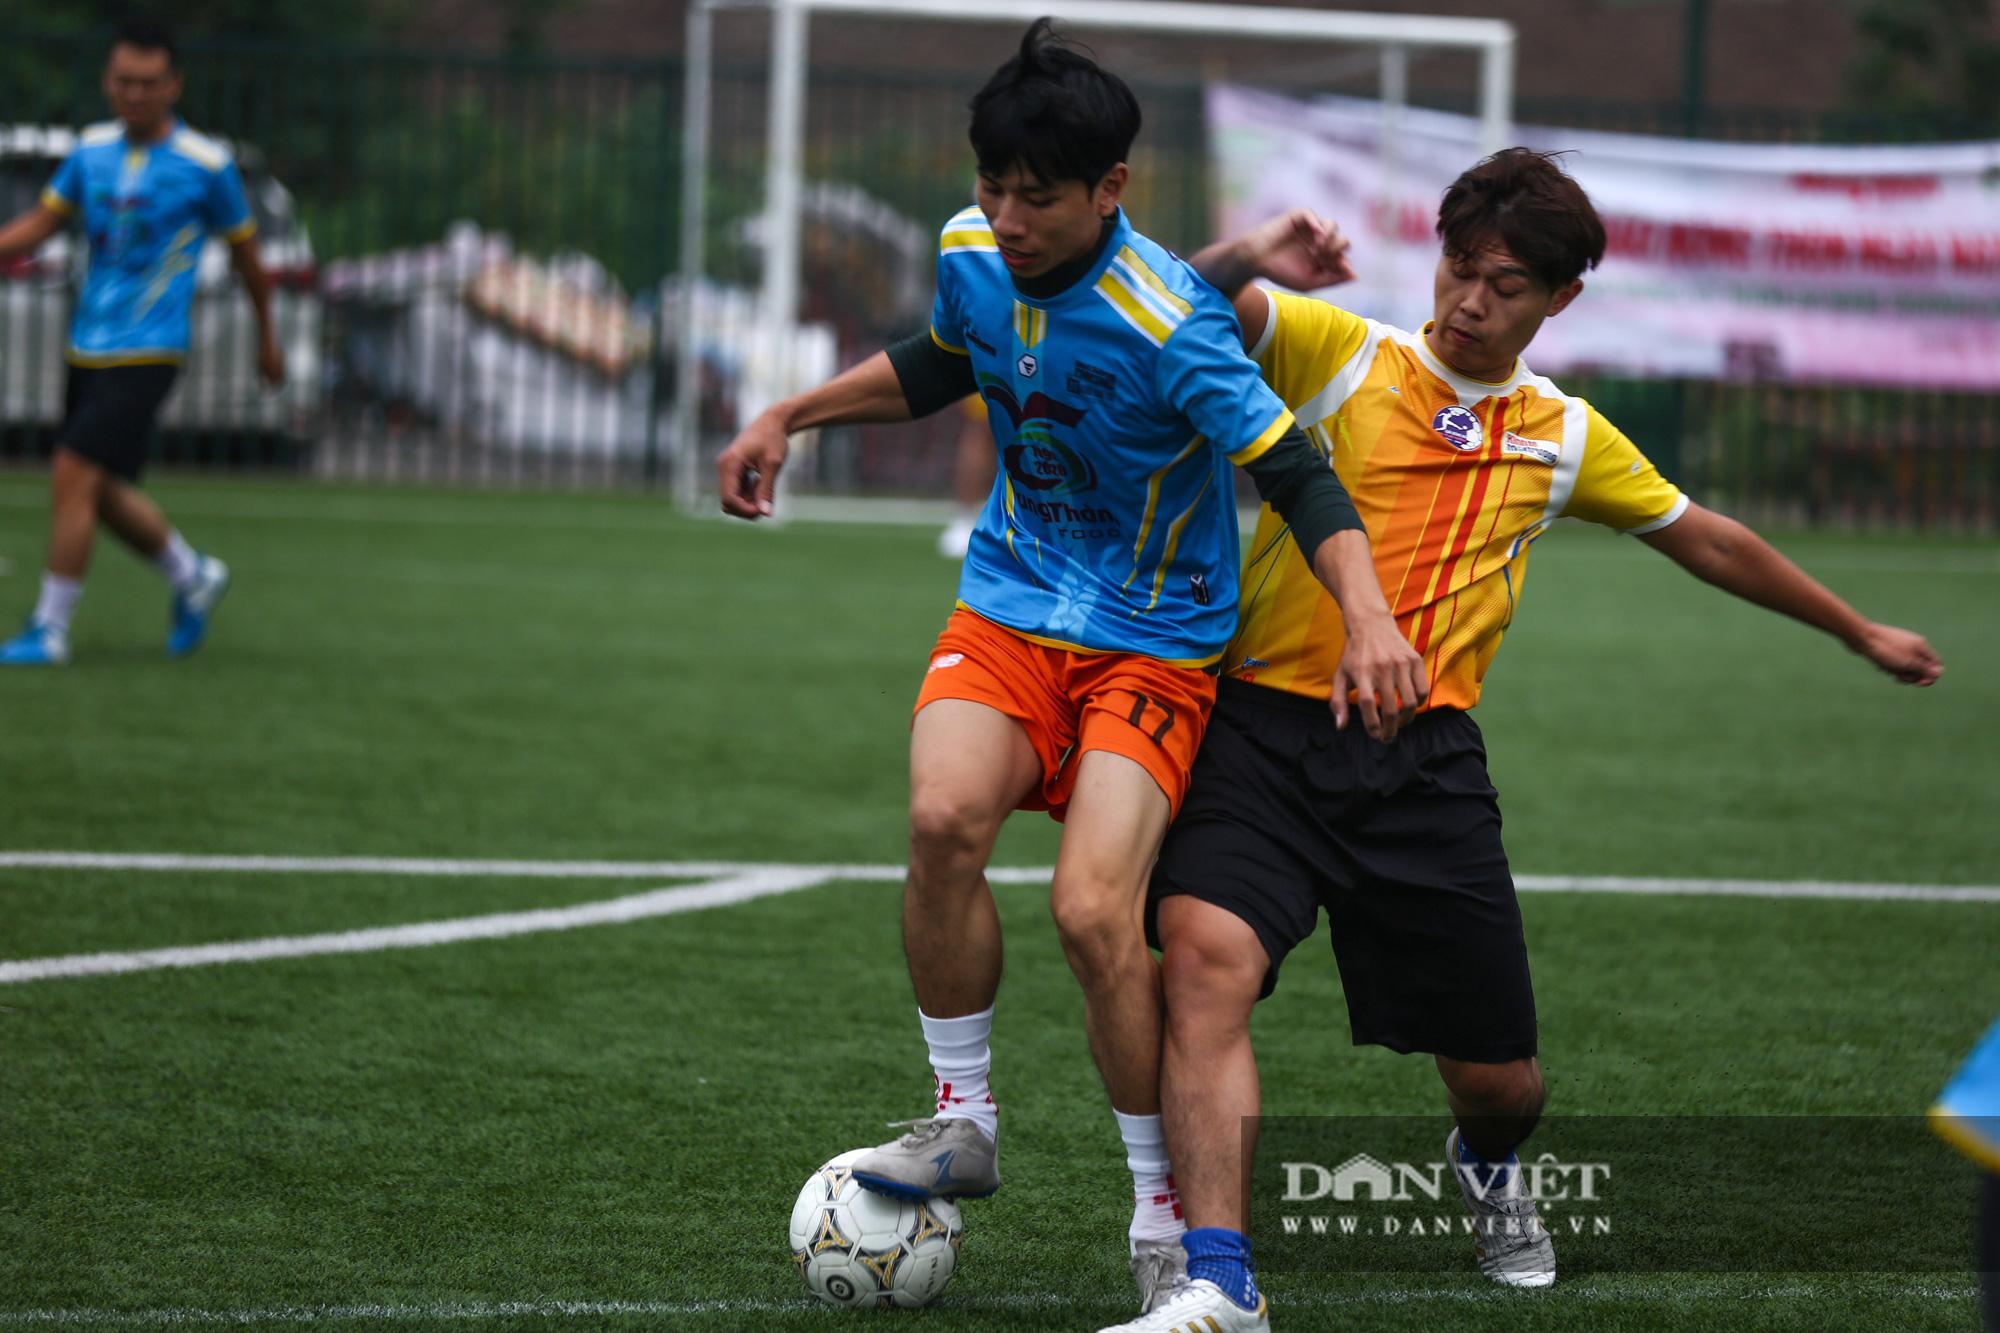 Khoảnh khắc lượt trận cuối cùng vòng bảng giải bóng đá báo NTNN/Dân Việt  - Ảnh 13.